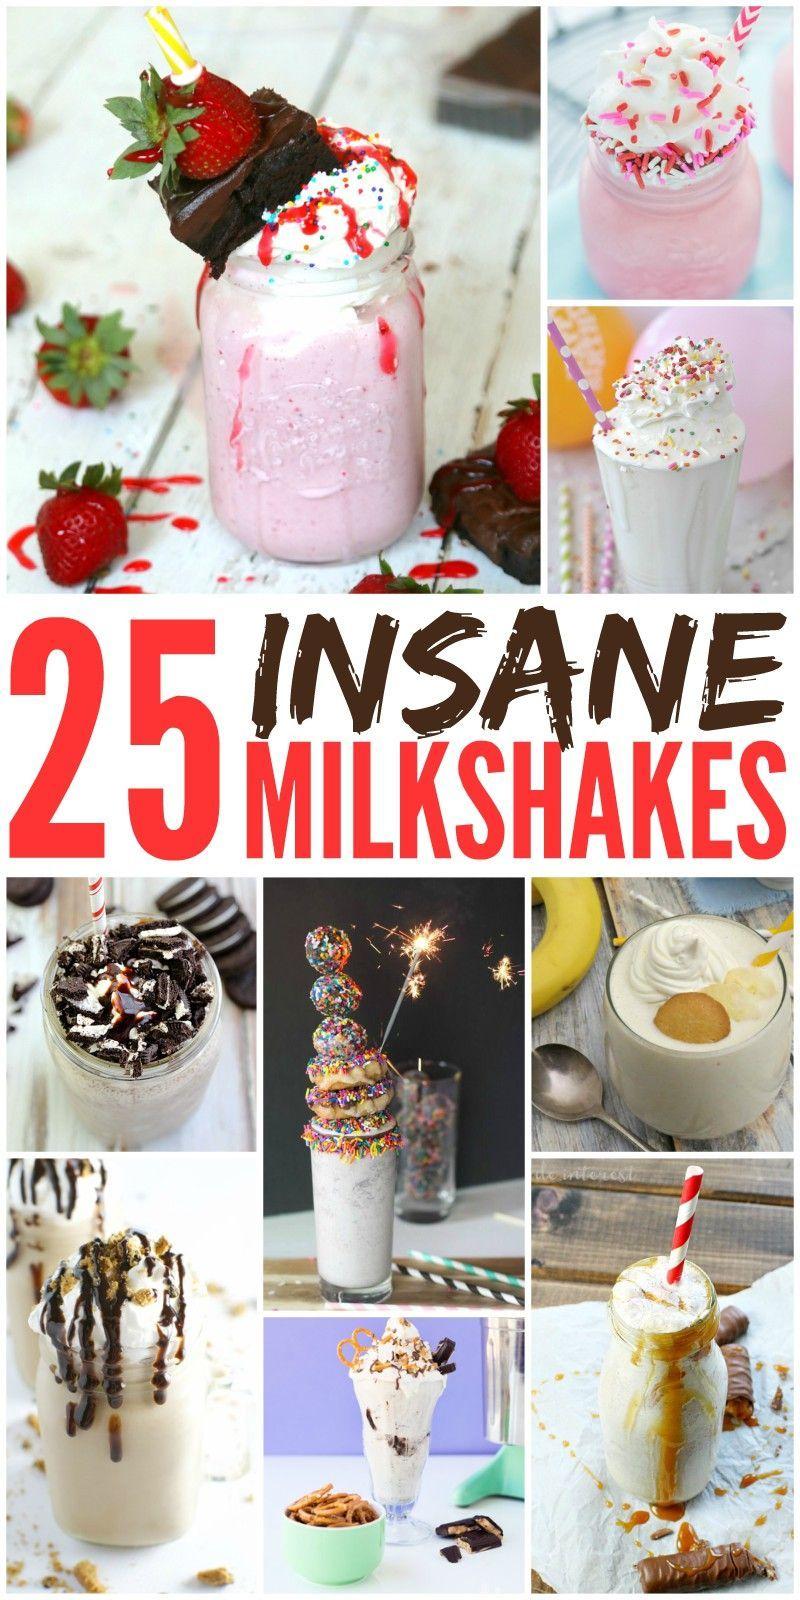 Popsugar In 2021 Milkshake Recipes Dessert Recipes Food